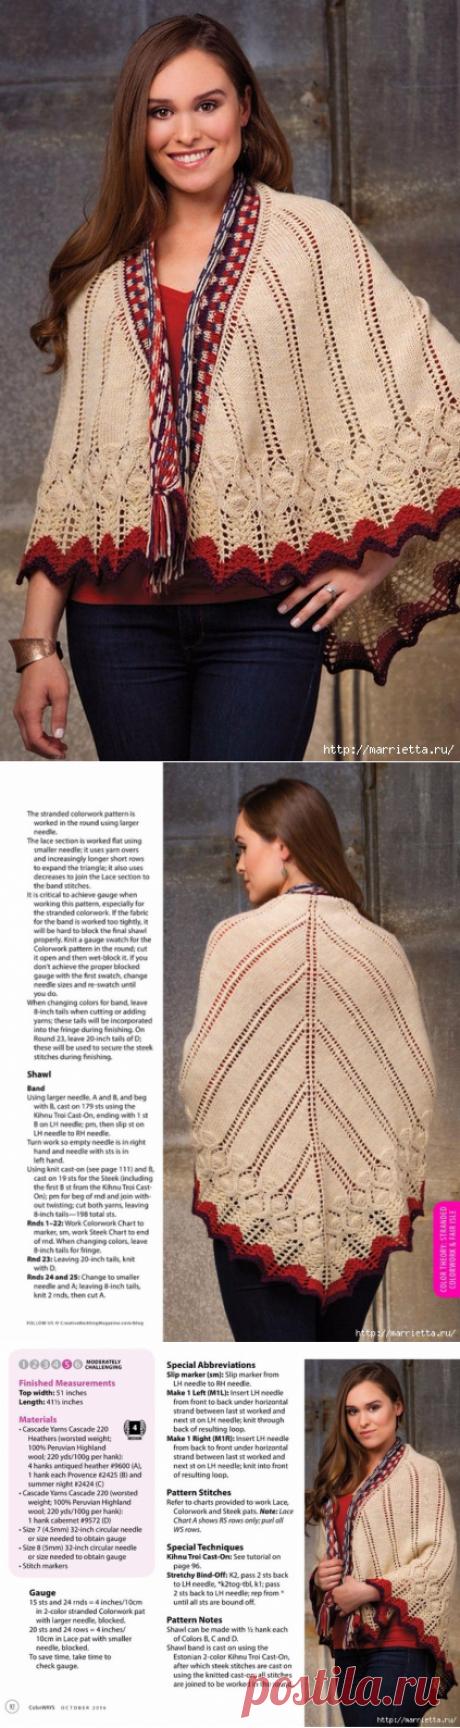 Интересная и оригинальная шаль спицами